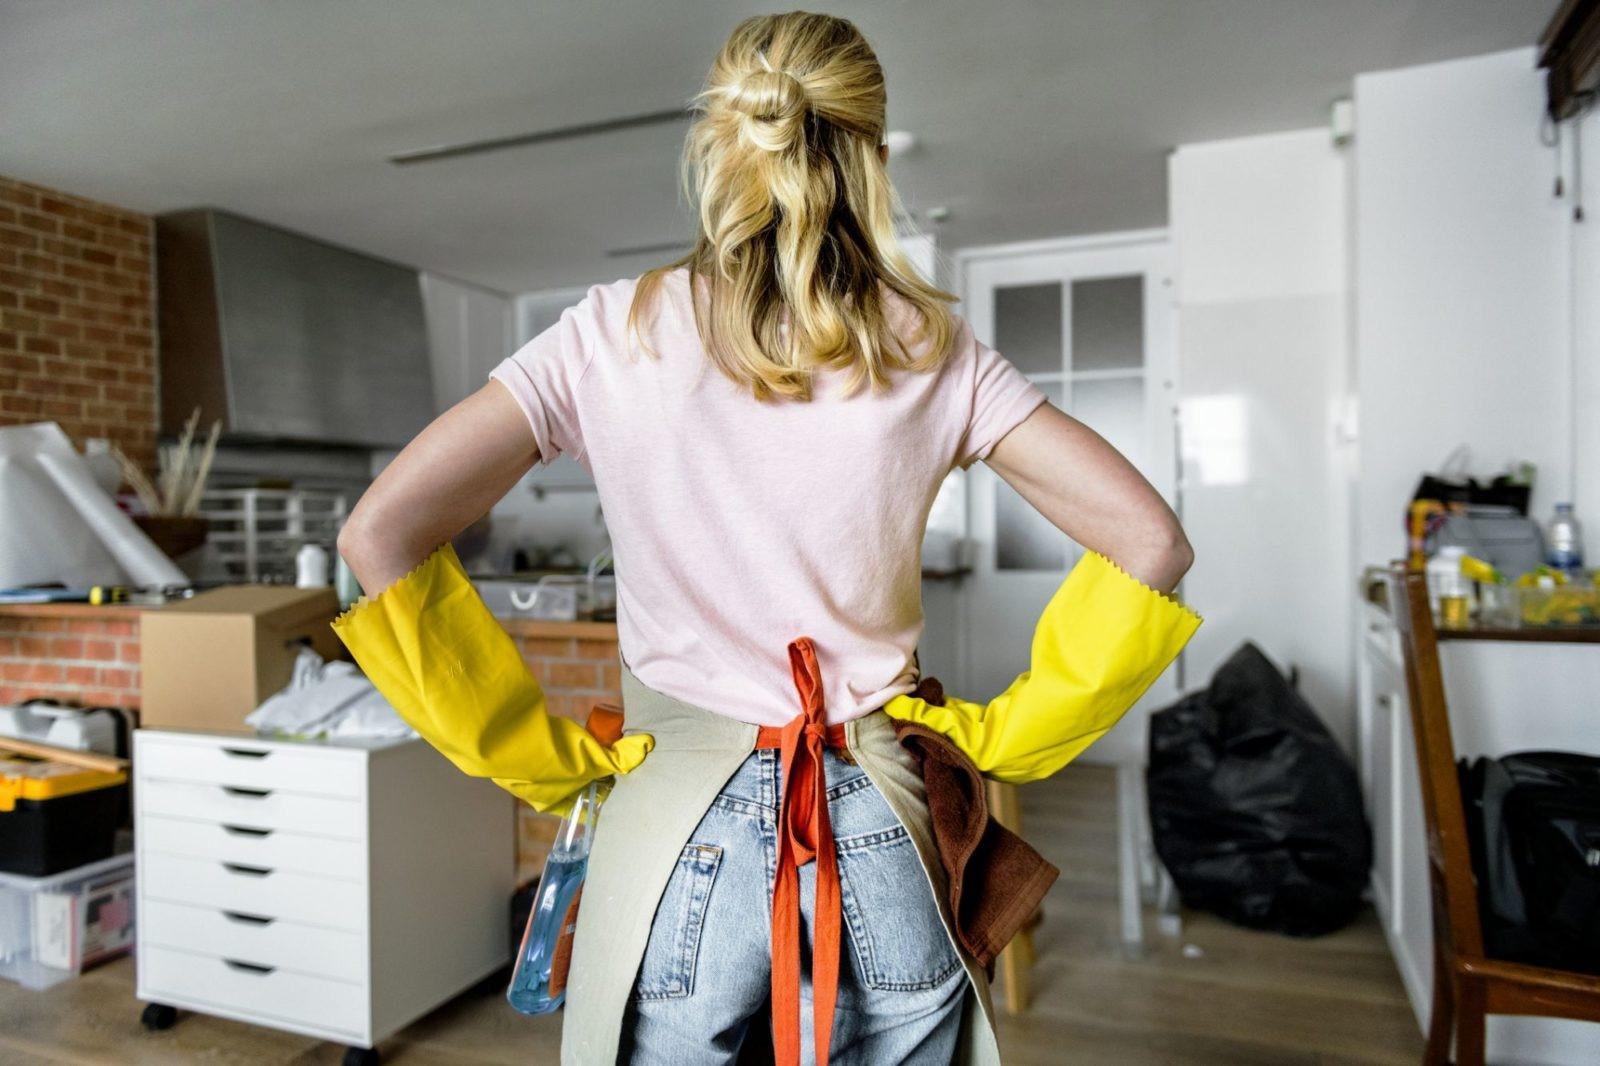 Топ-10 сложностей в уборке, по версии домохозяек